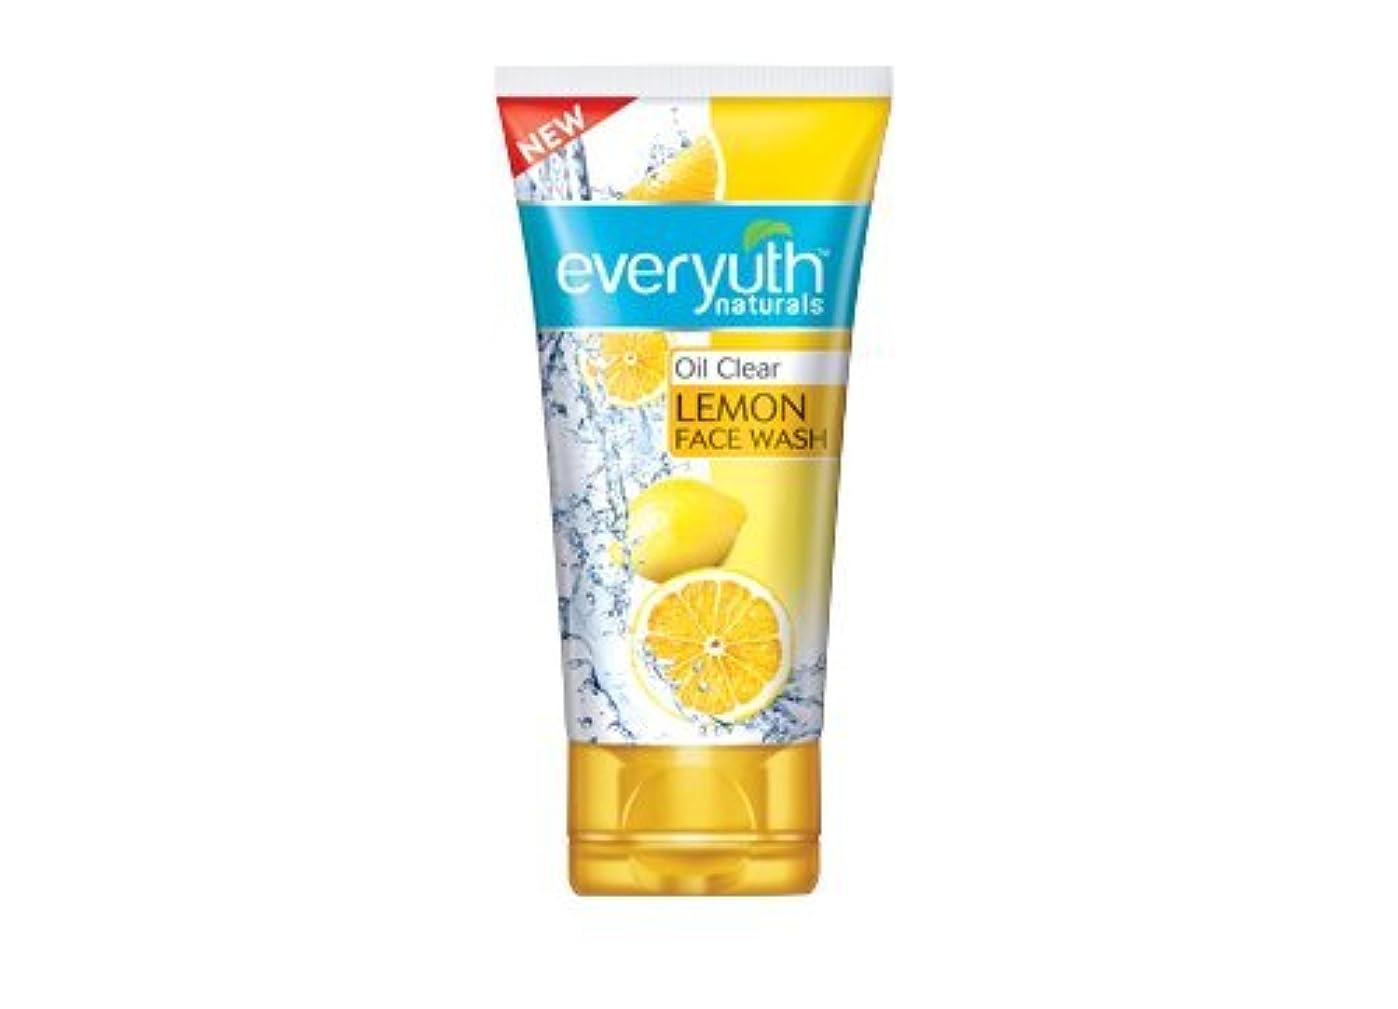 重くするびっくりさらにEveryuth Naturals Oil Clear Lemon Face Wash 50Gm (1 Pack)